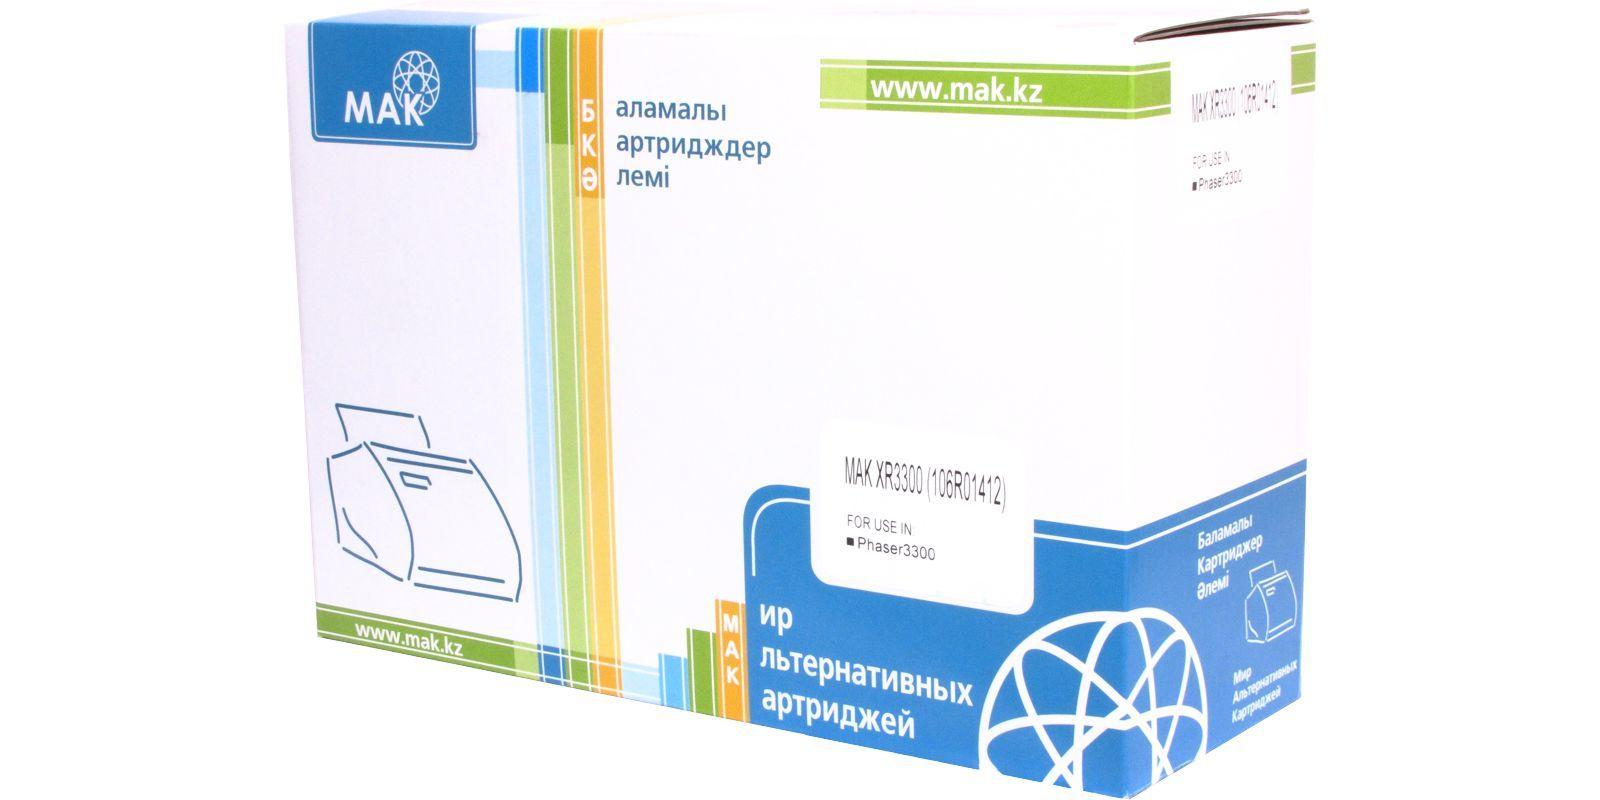 Картридж лазерный цветной MAK© 507A CE401A голубой (cyan), до 6000 стр.